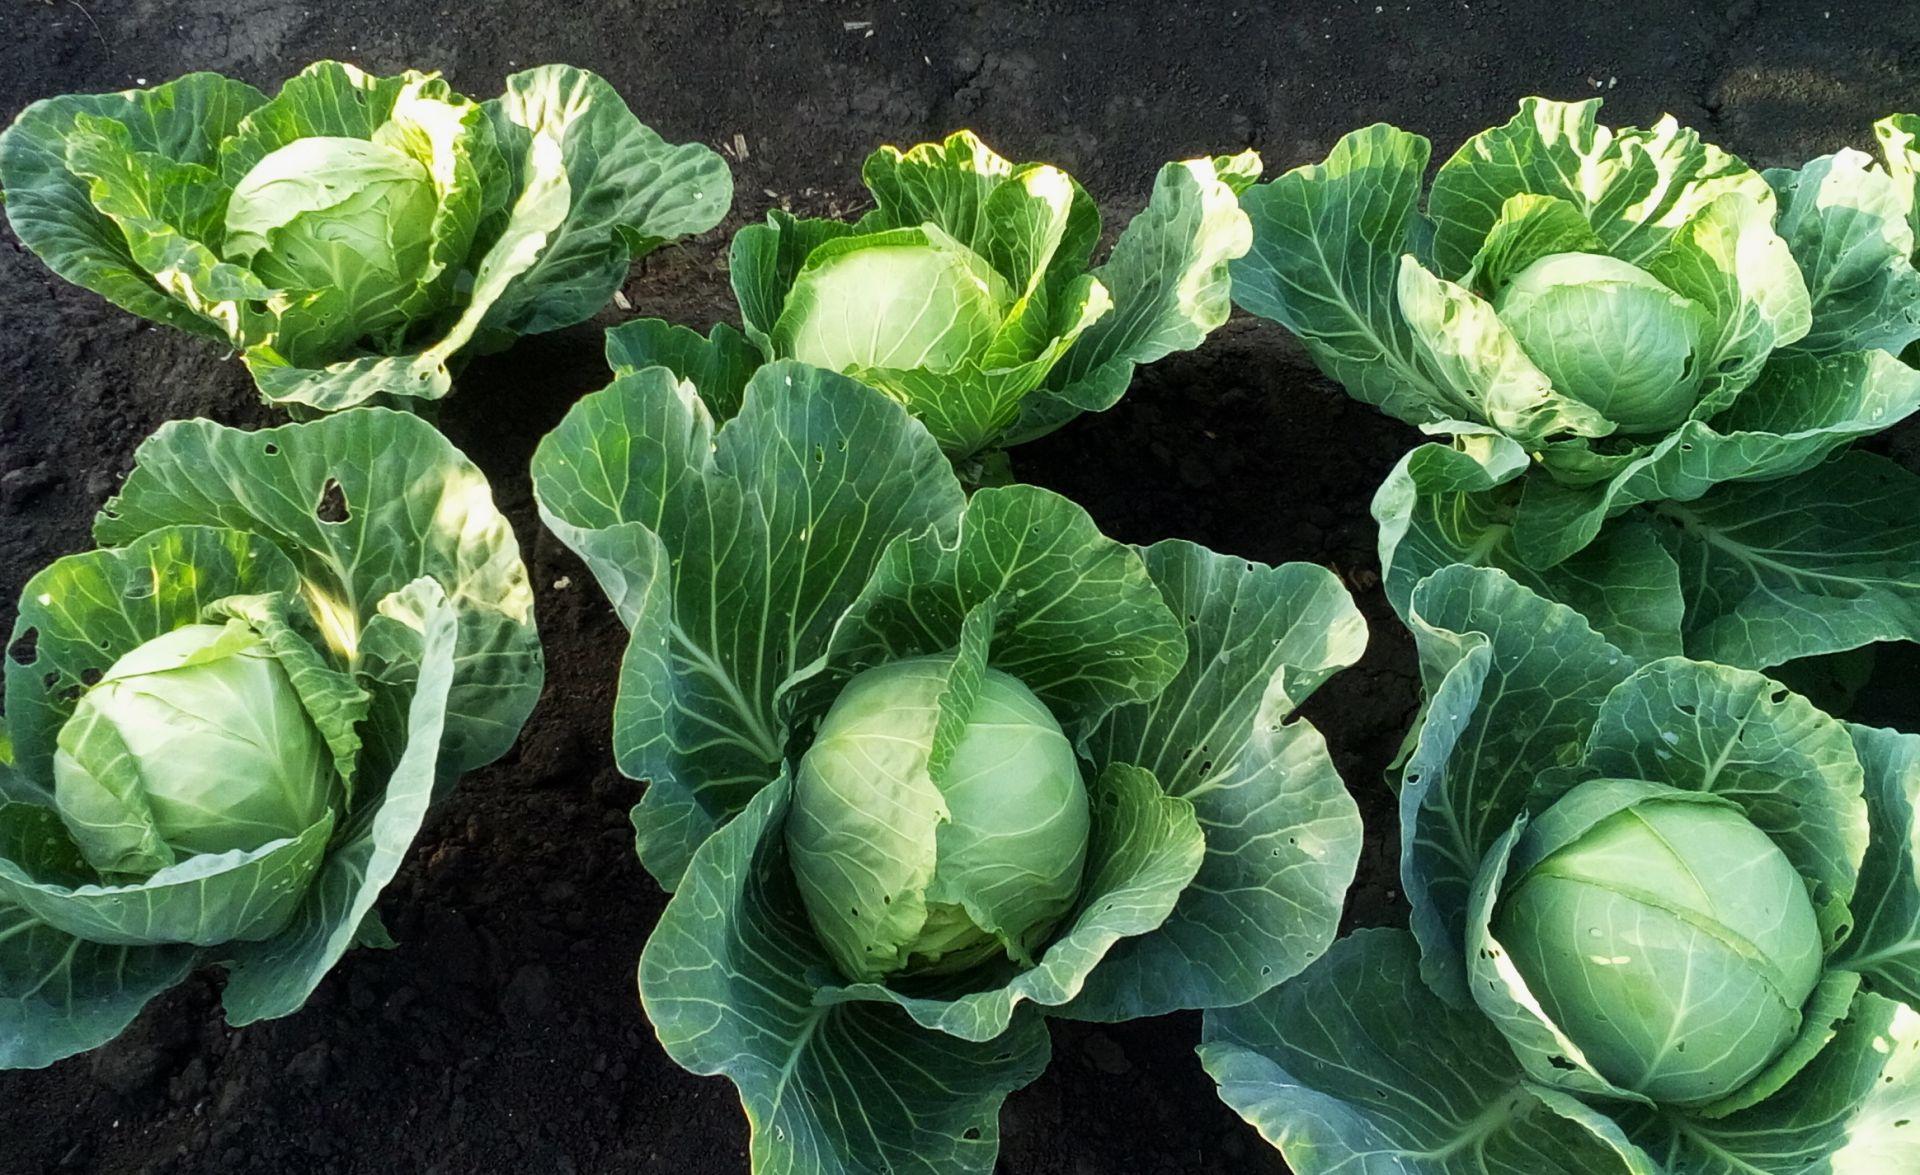 Как ухаживать за капустой в августе: топ-6 самых важных дел для урожая